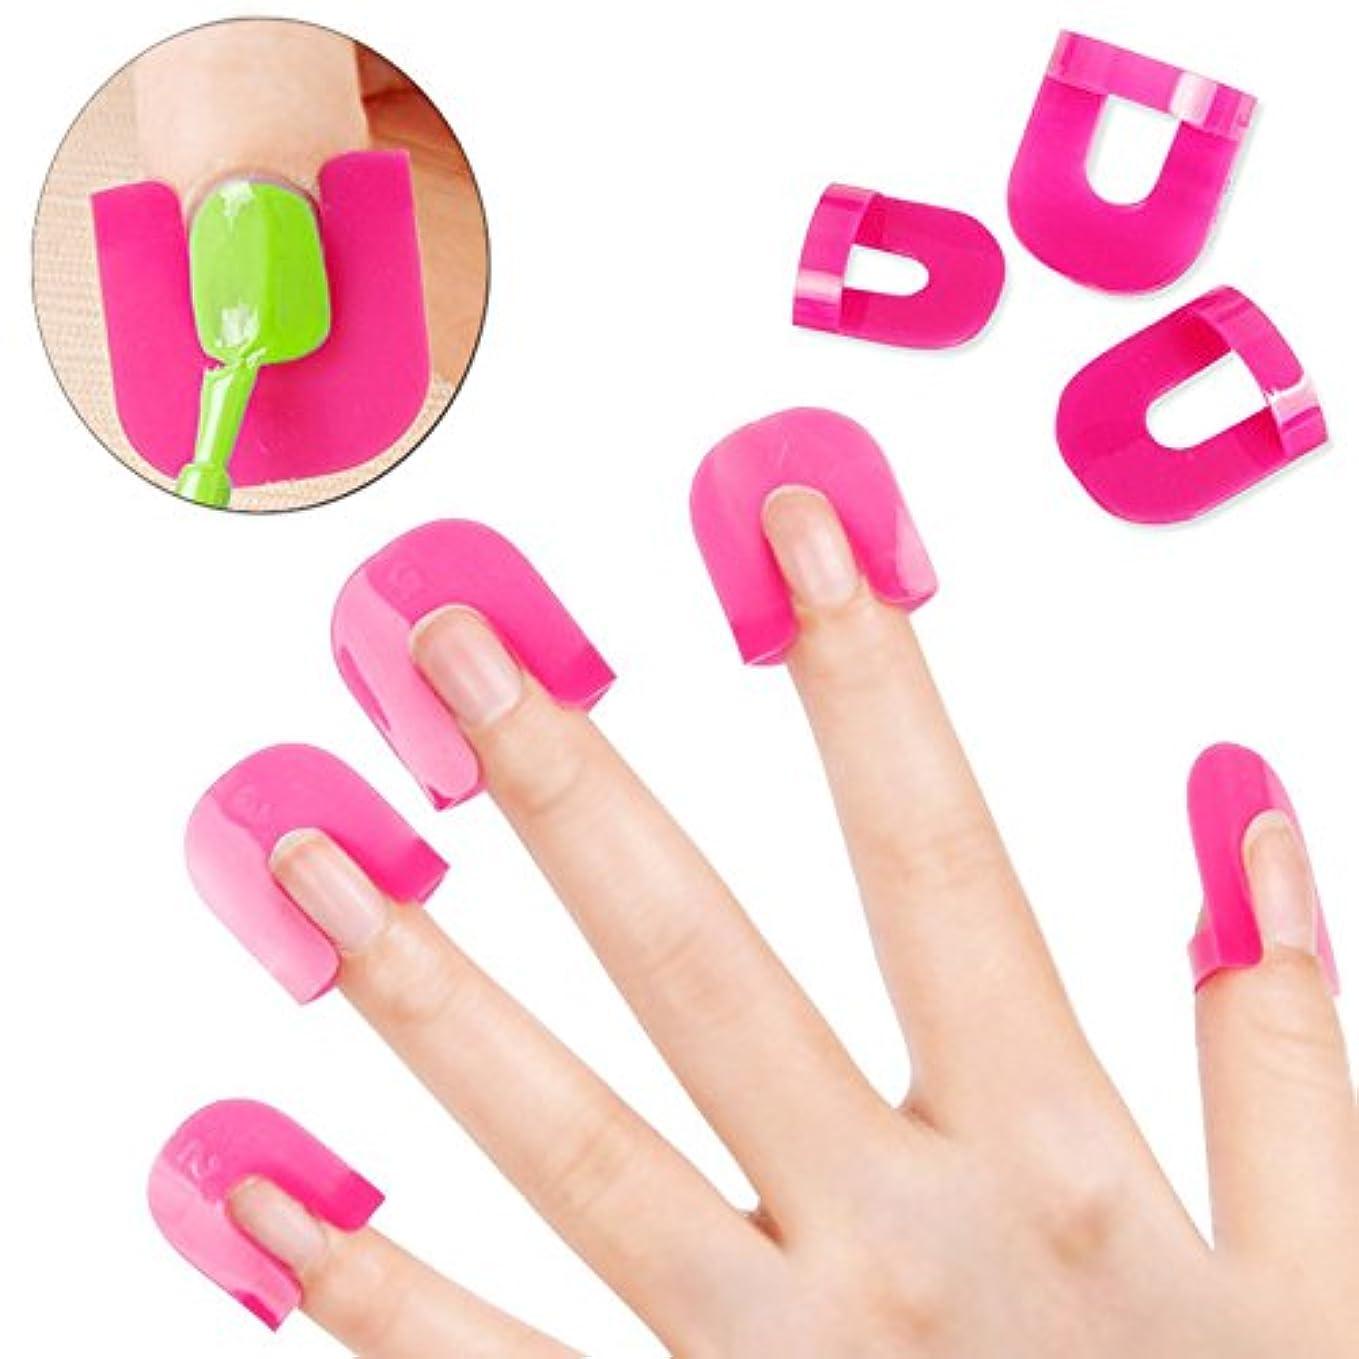 外交つづりエキスNew 26PCS Professional French Nail Art Manicure Stickers Tips Finger Cover Polish Shield Protector Plastic Case...